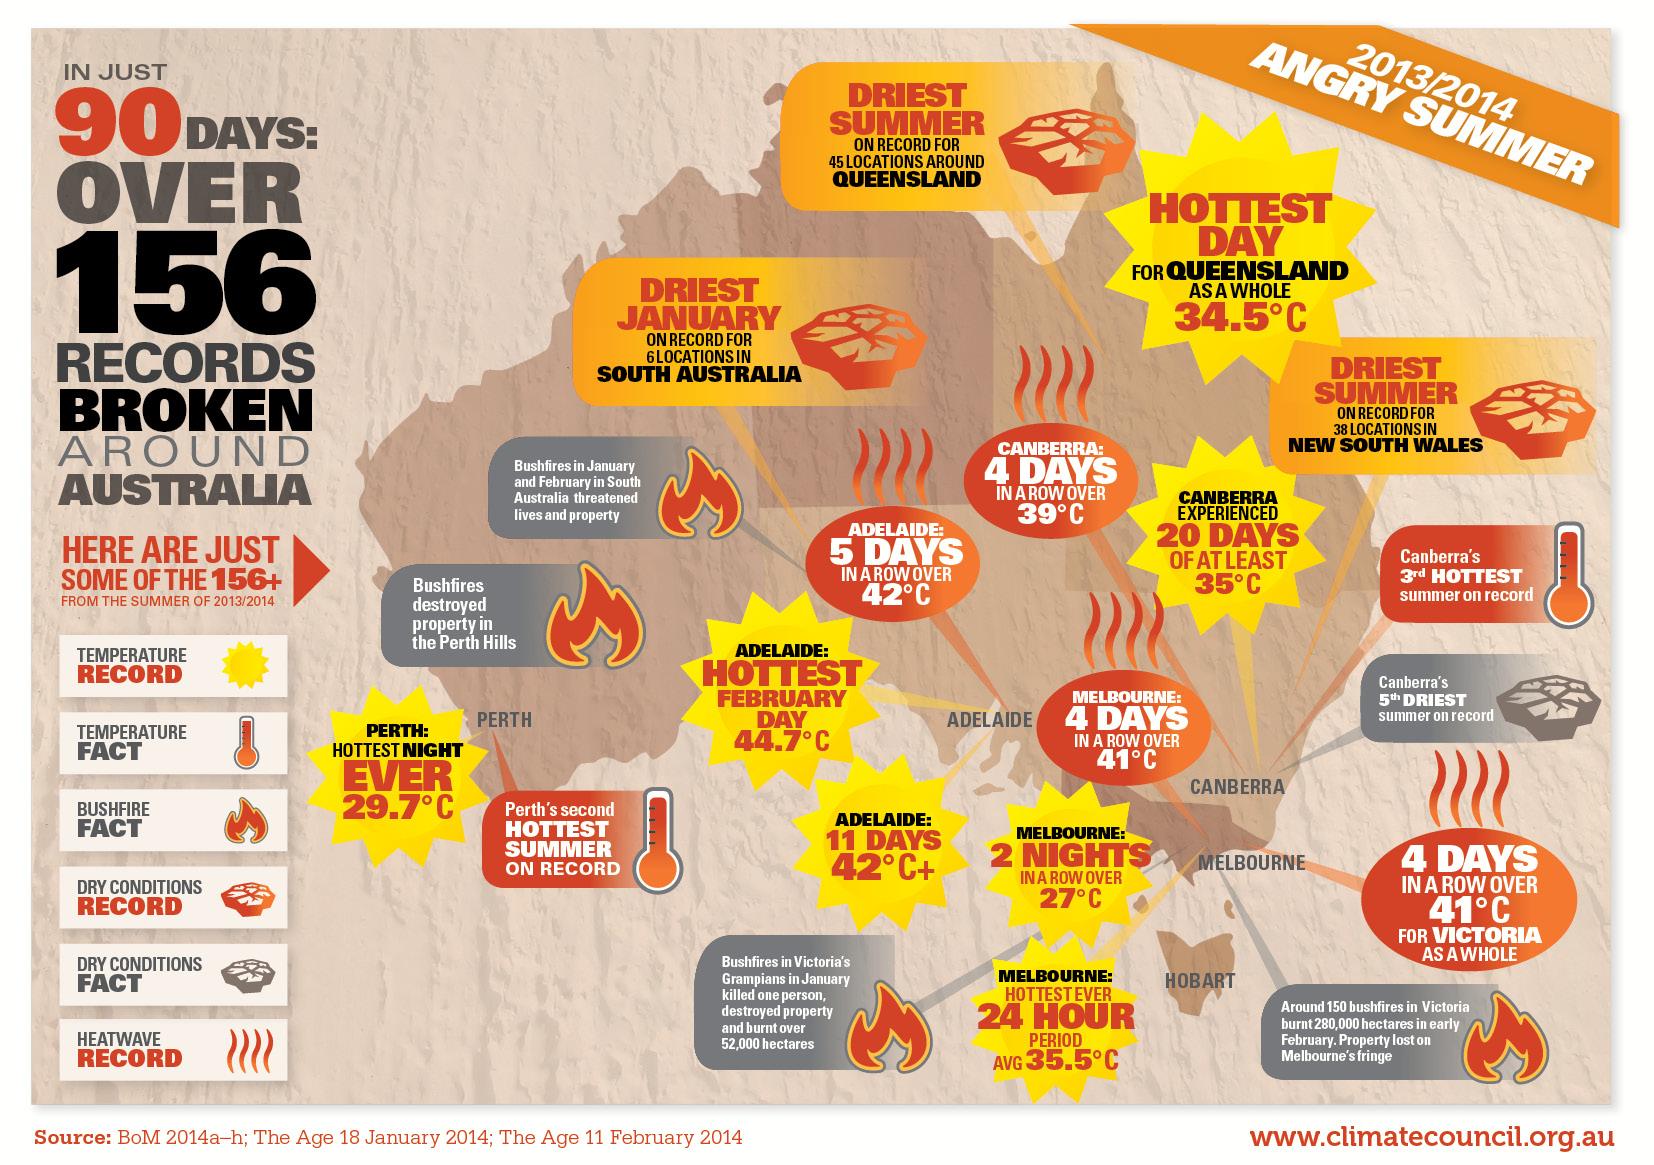 За 90 летних дней 2013/2014 года были побиты более 156 температурных рекордов